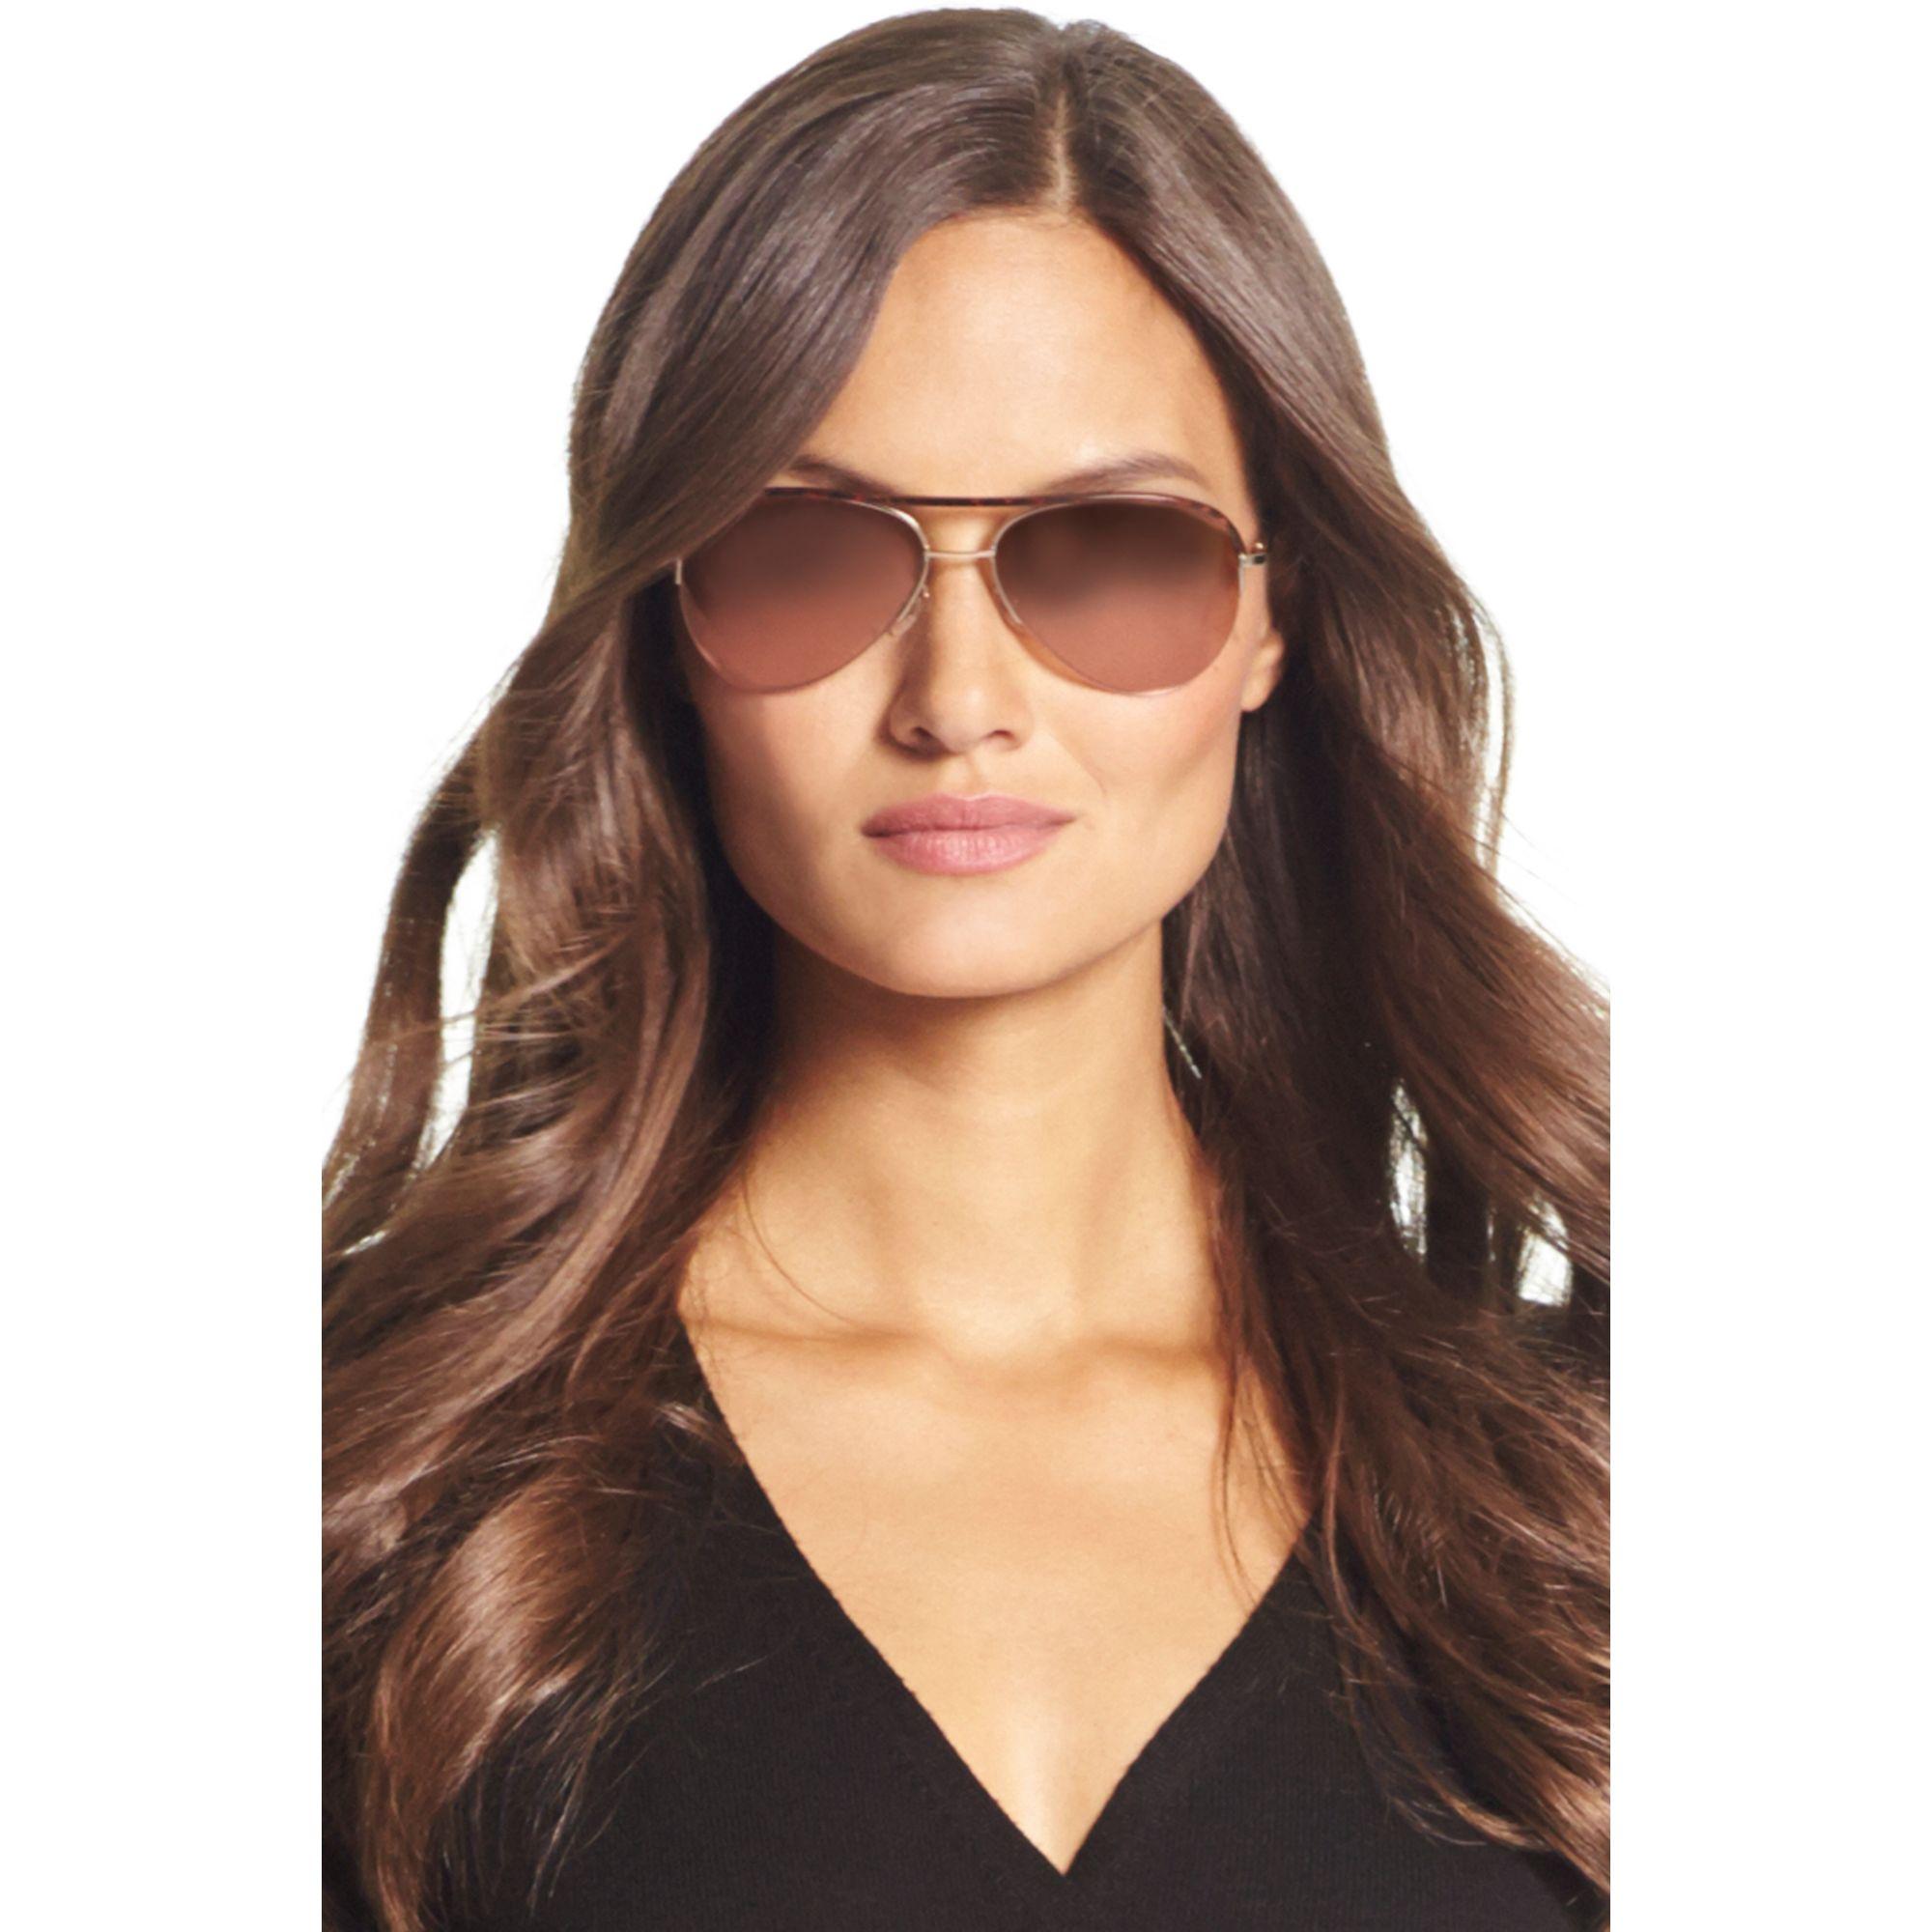 mirrored aviator sunglasses womens  Diane von furstenberg Farrah Mirrored Aviator Sunglasses in ...